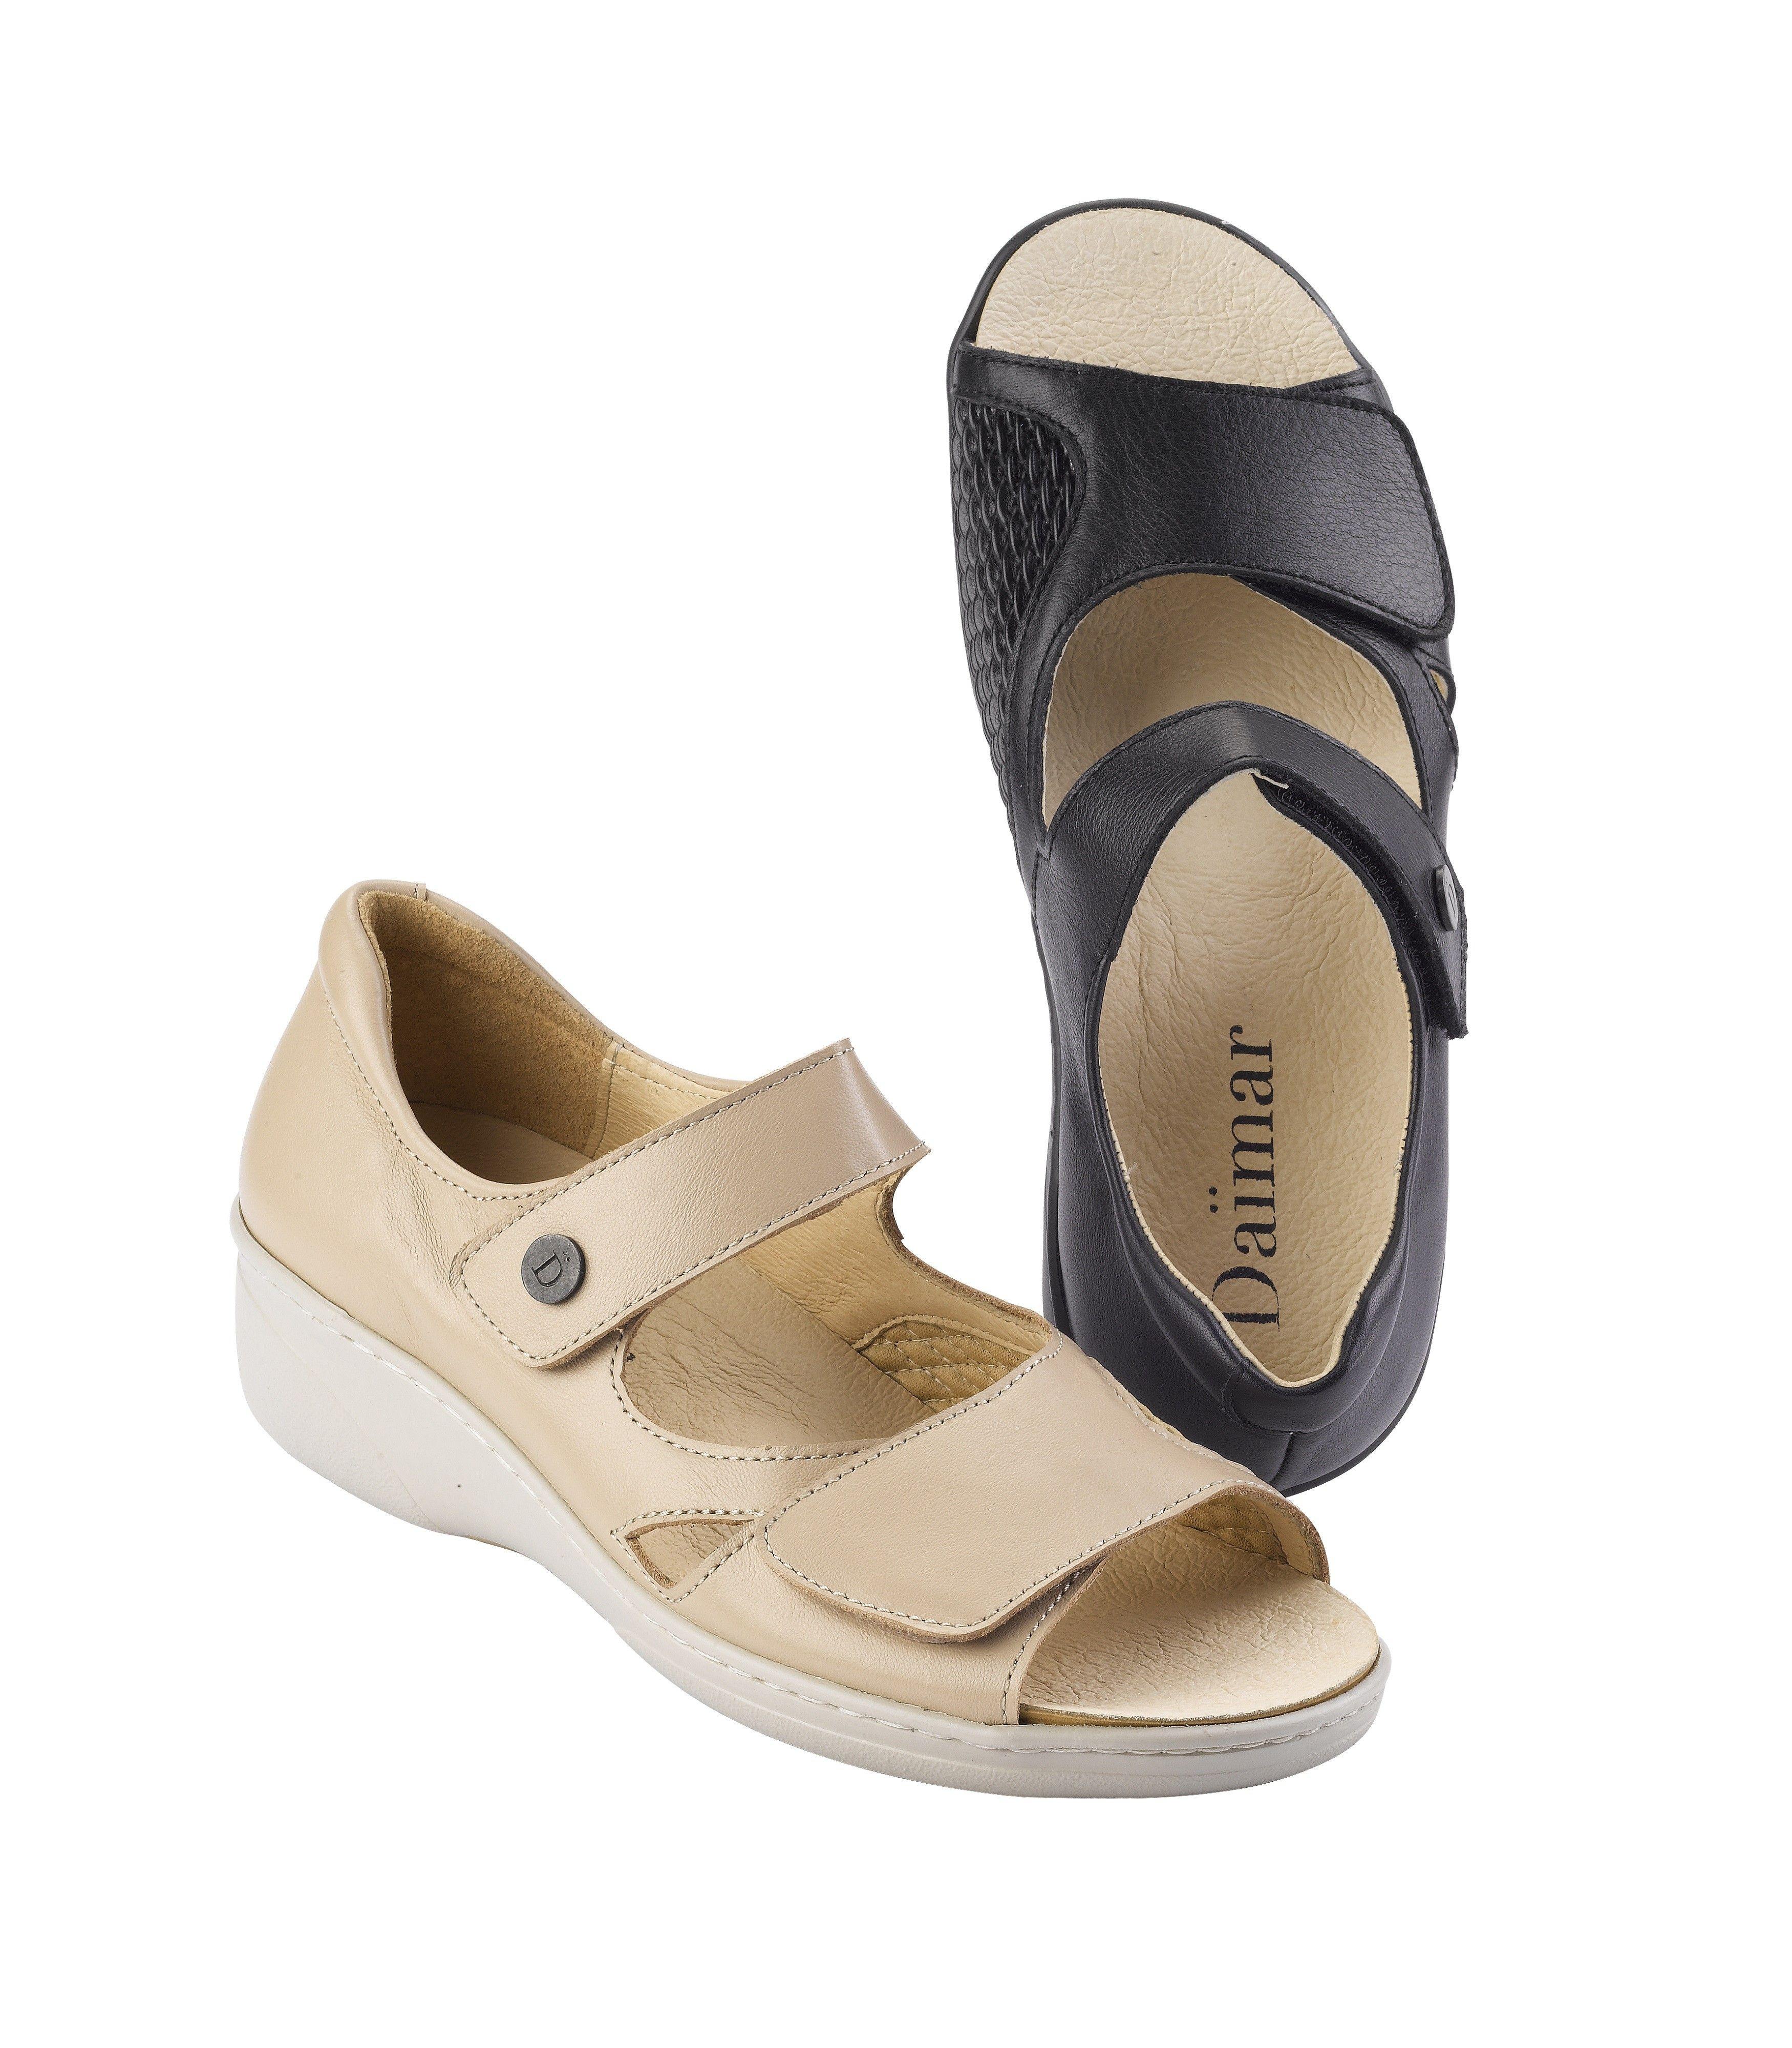 d6136a62b7 Sandalia ortopédica para pies anchos especial juanetes de Daimar